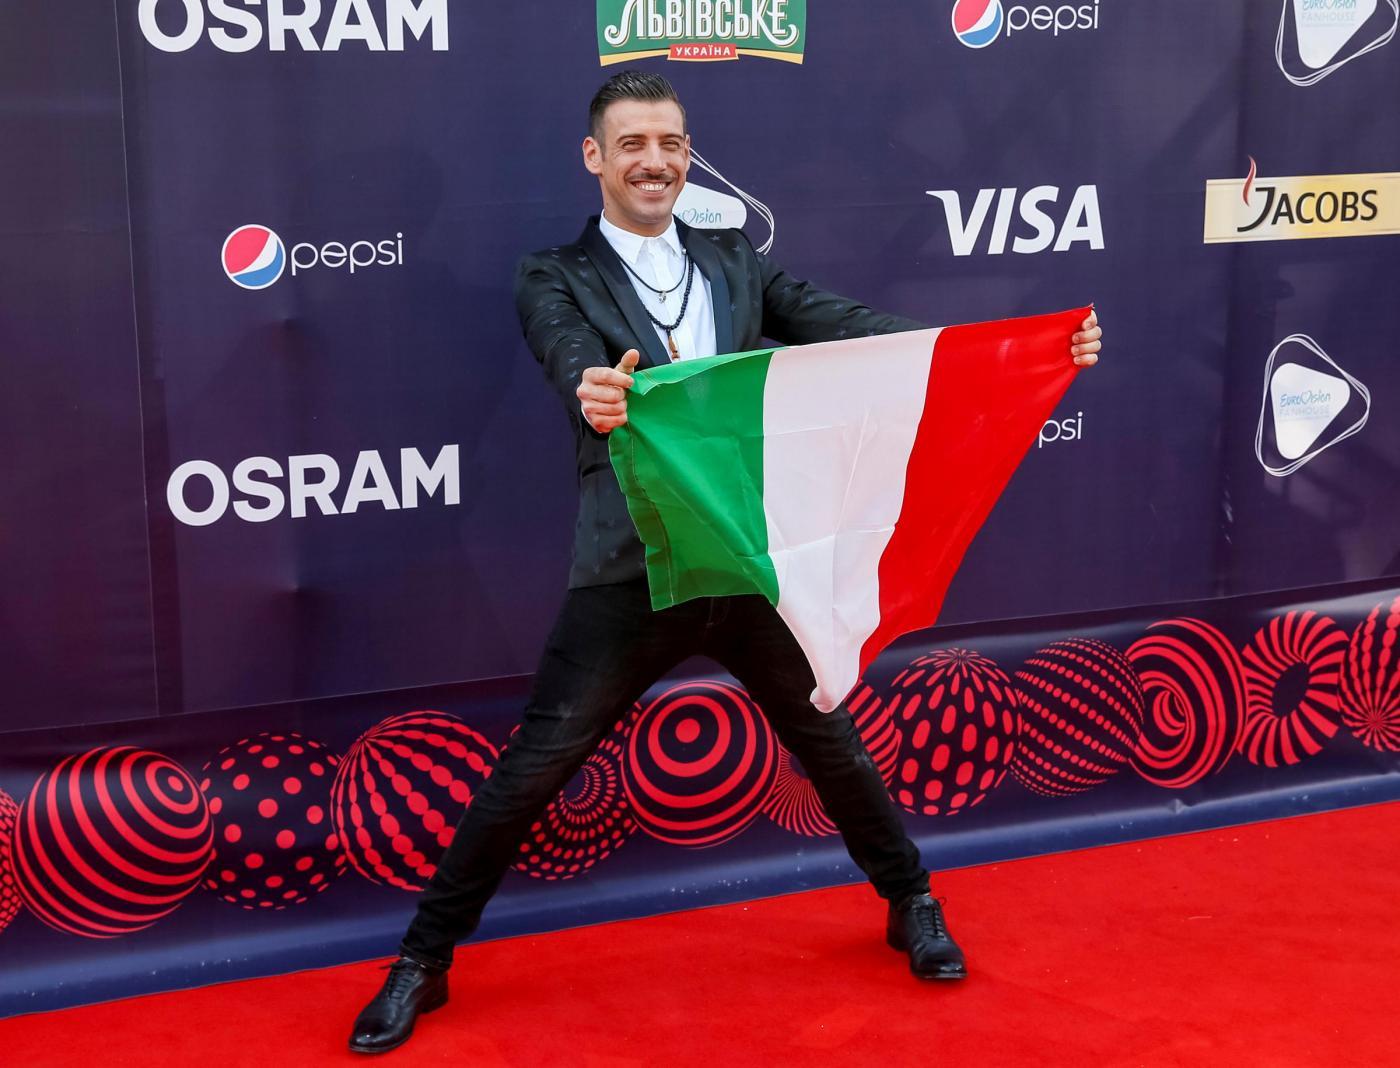 Francesco Gabbani Eurovision Song Contest 2017